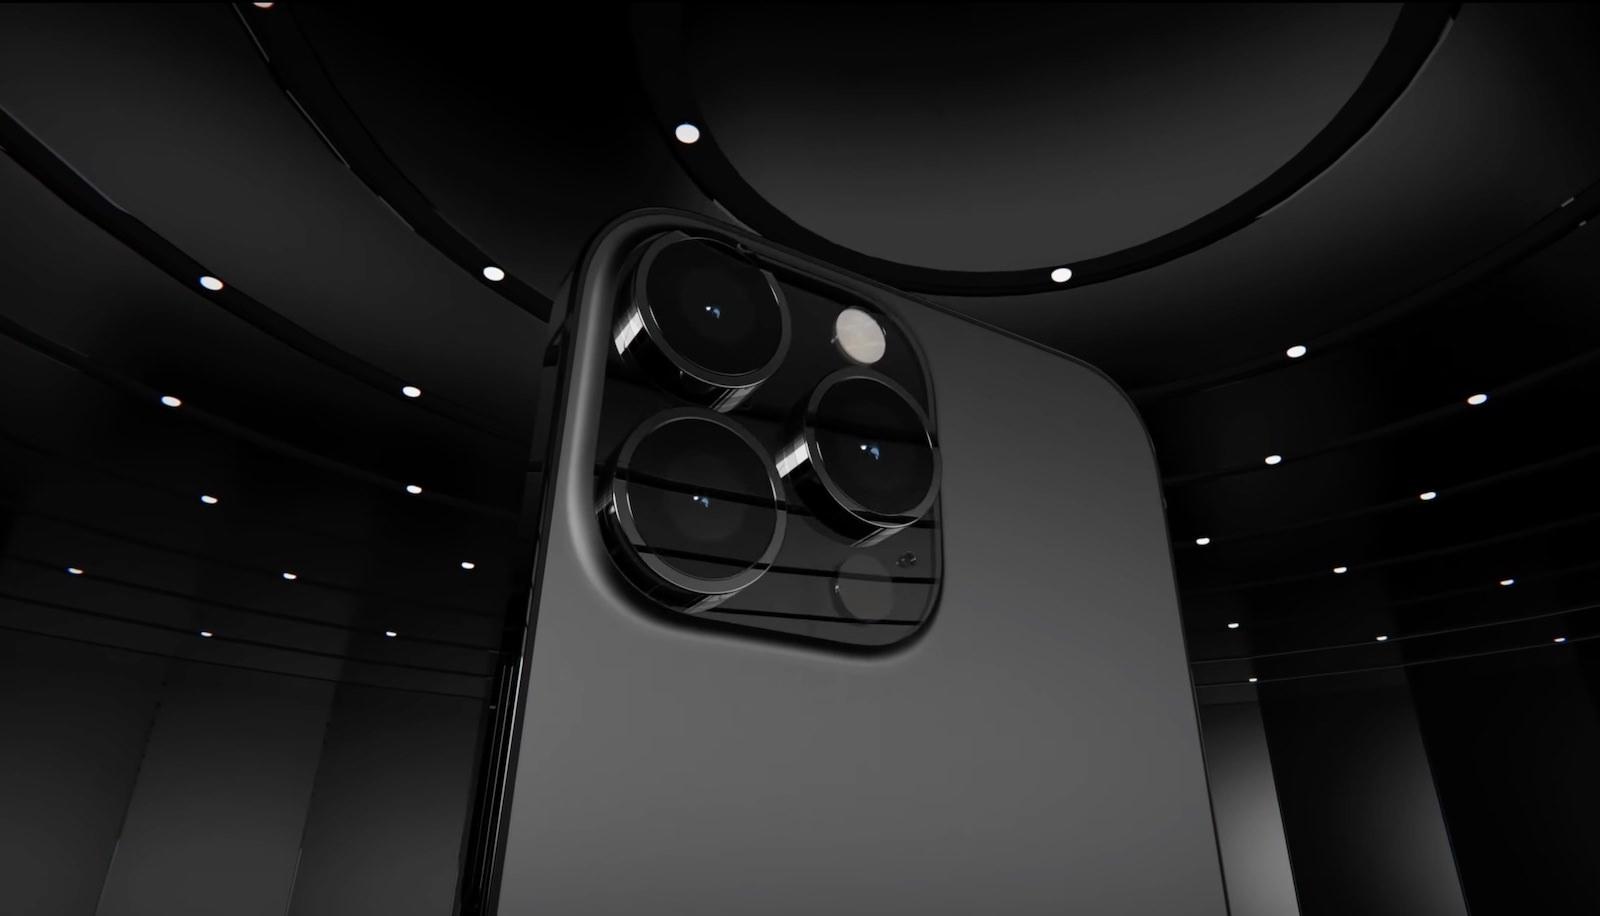 Iphone 13 pro max camera module